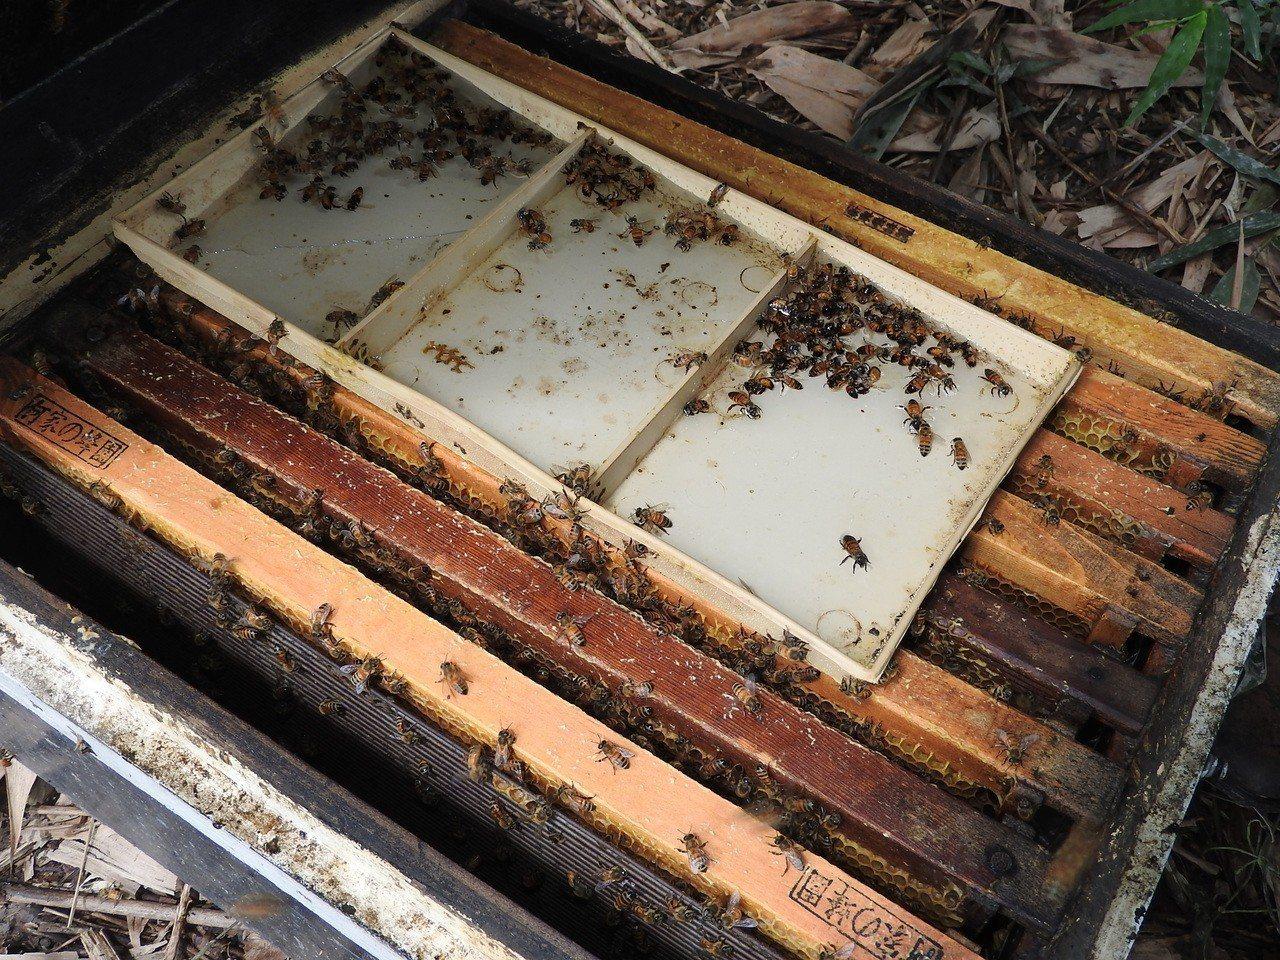 埔里陳姓蜂農的養蜂場也受災,勉強飛回巢的蜜蜂在蜂箱外掙扎顫抖,最終難逃一死。記者...